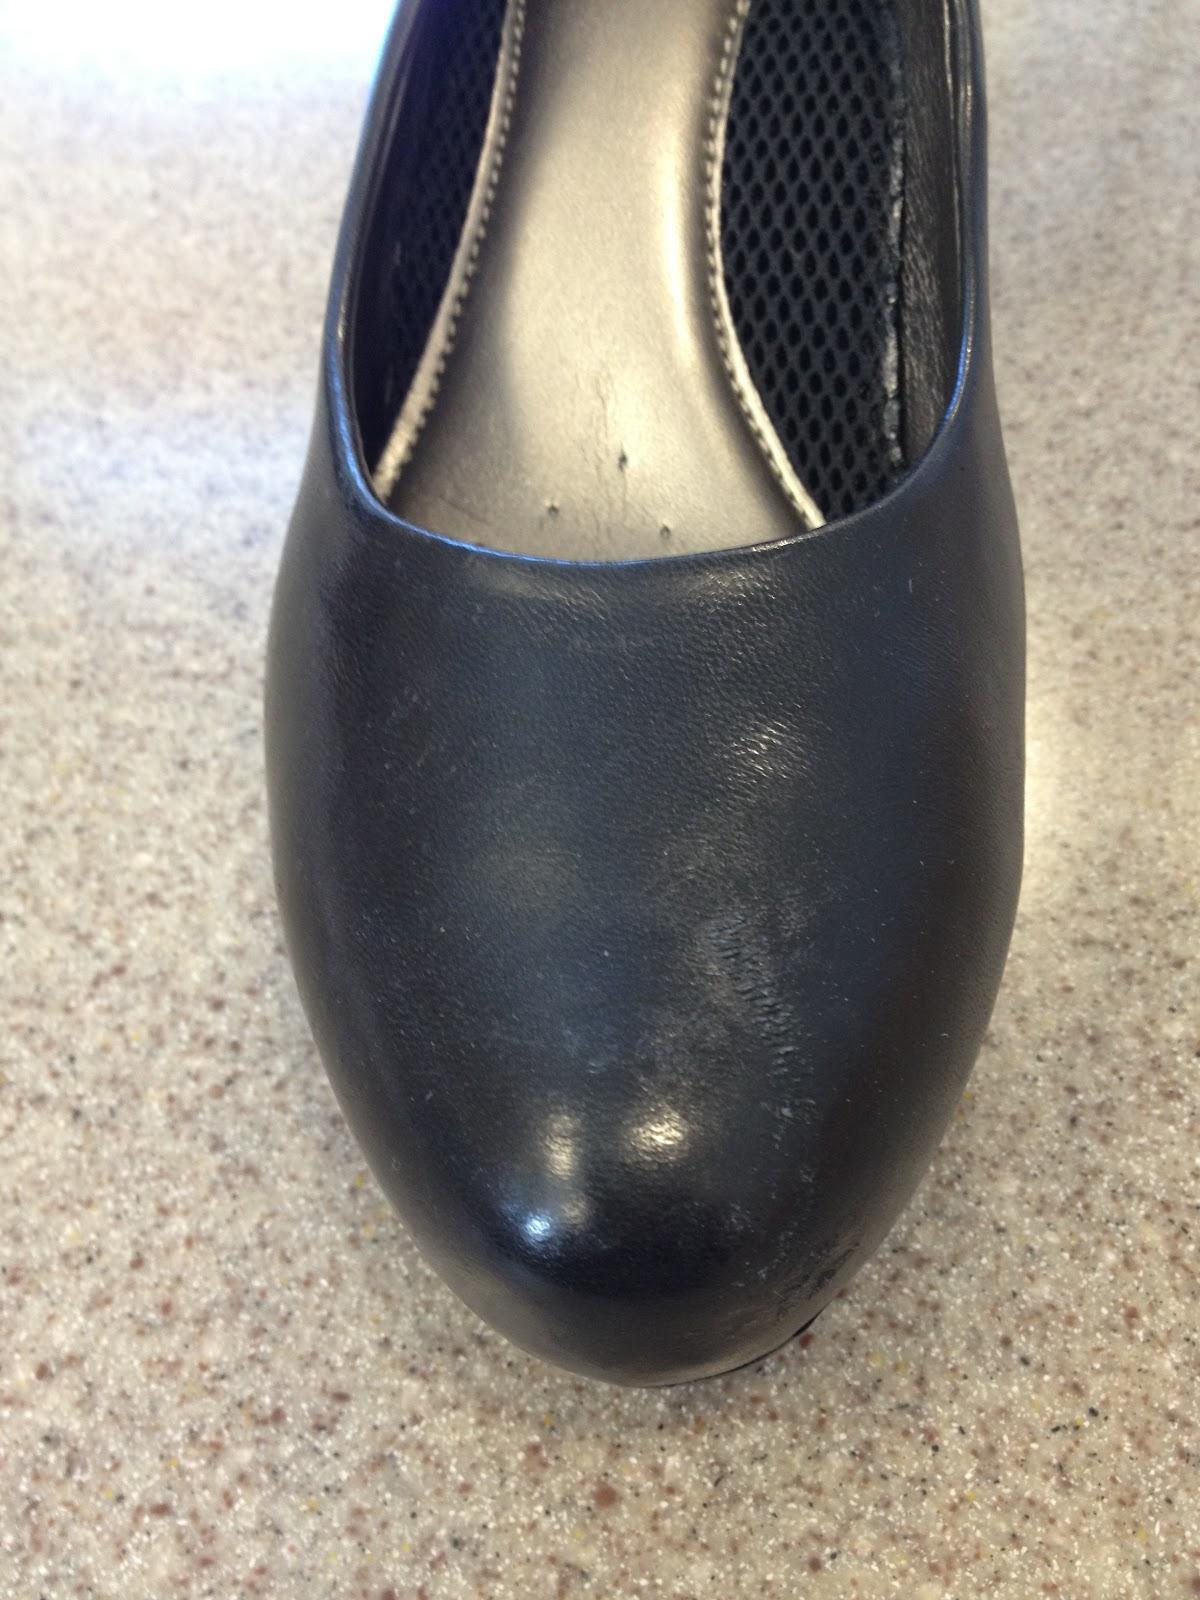 Comment faire pour supprimer cirage build up comment fait - Enlever odeur chaussure rapidement ...